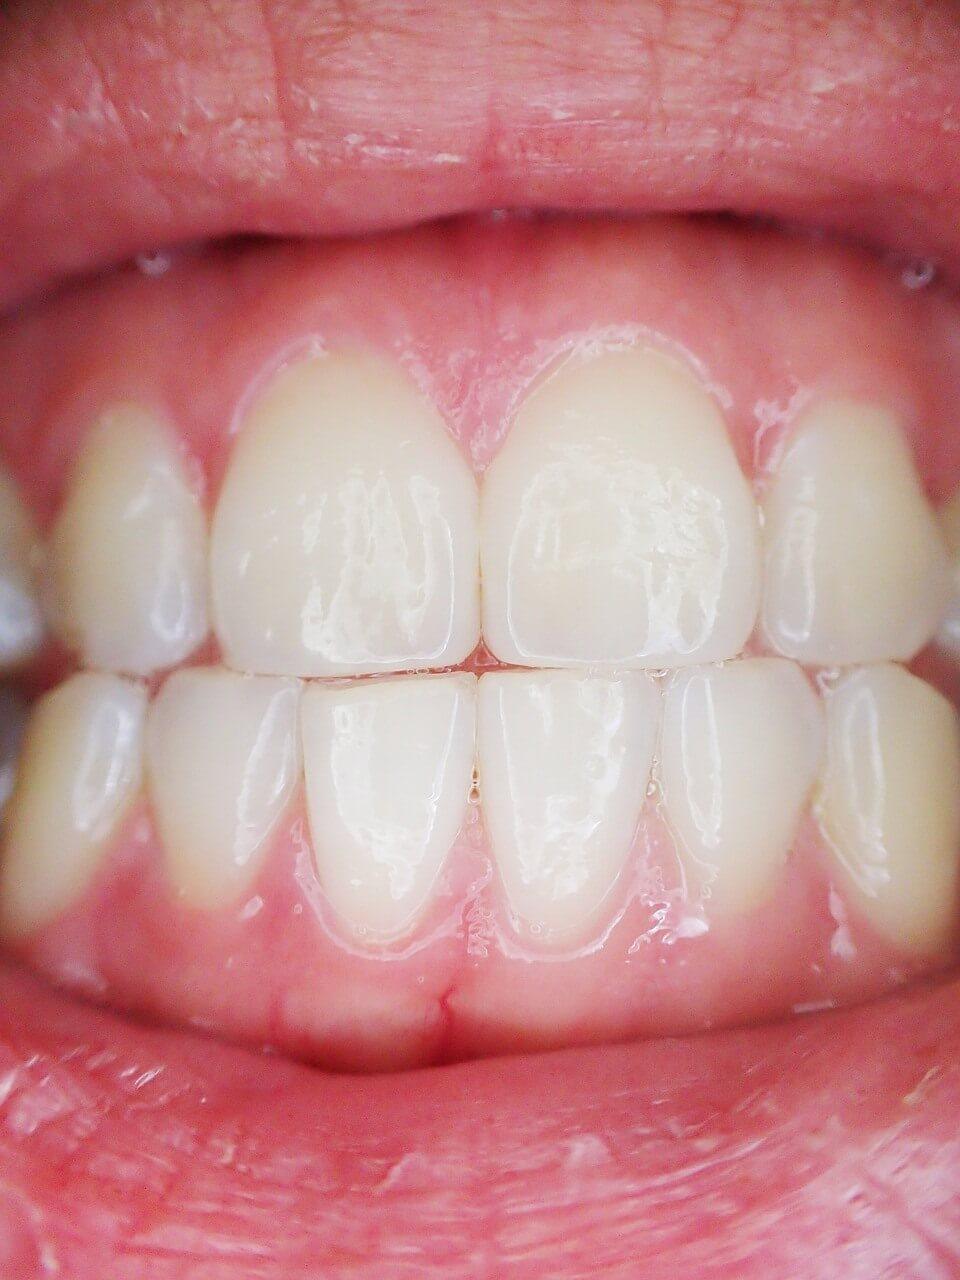 Tandlossning (parodontit) – Symptom, Orsaker och Behandling